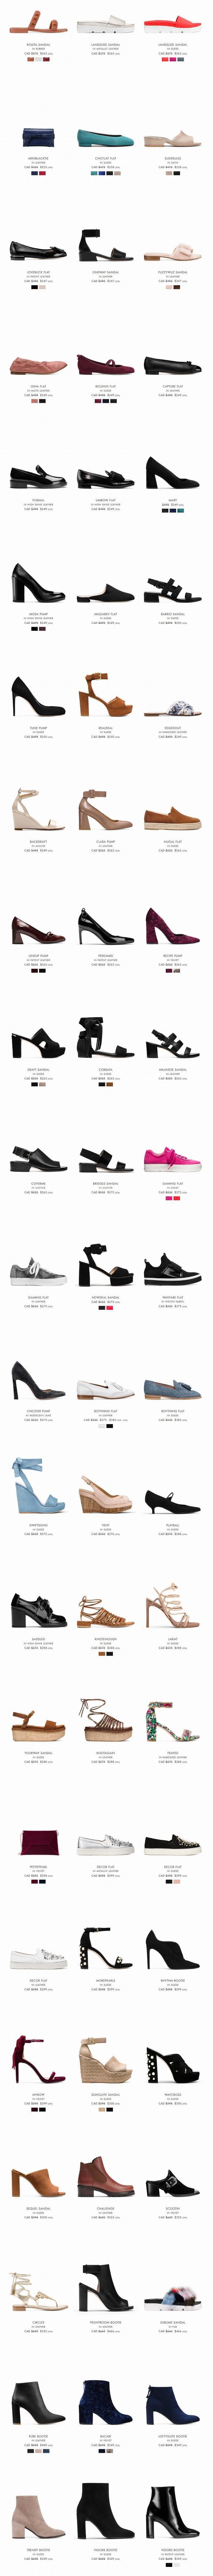 精选  Stuart Weitzman 2018春季凉鞋、珍珠鞋、踝靴 5折起特卖!